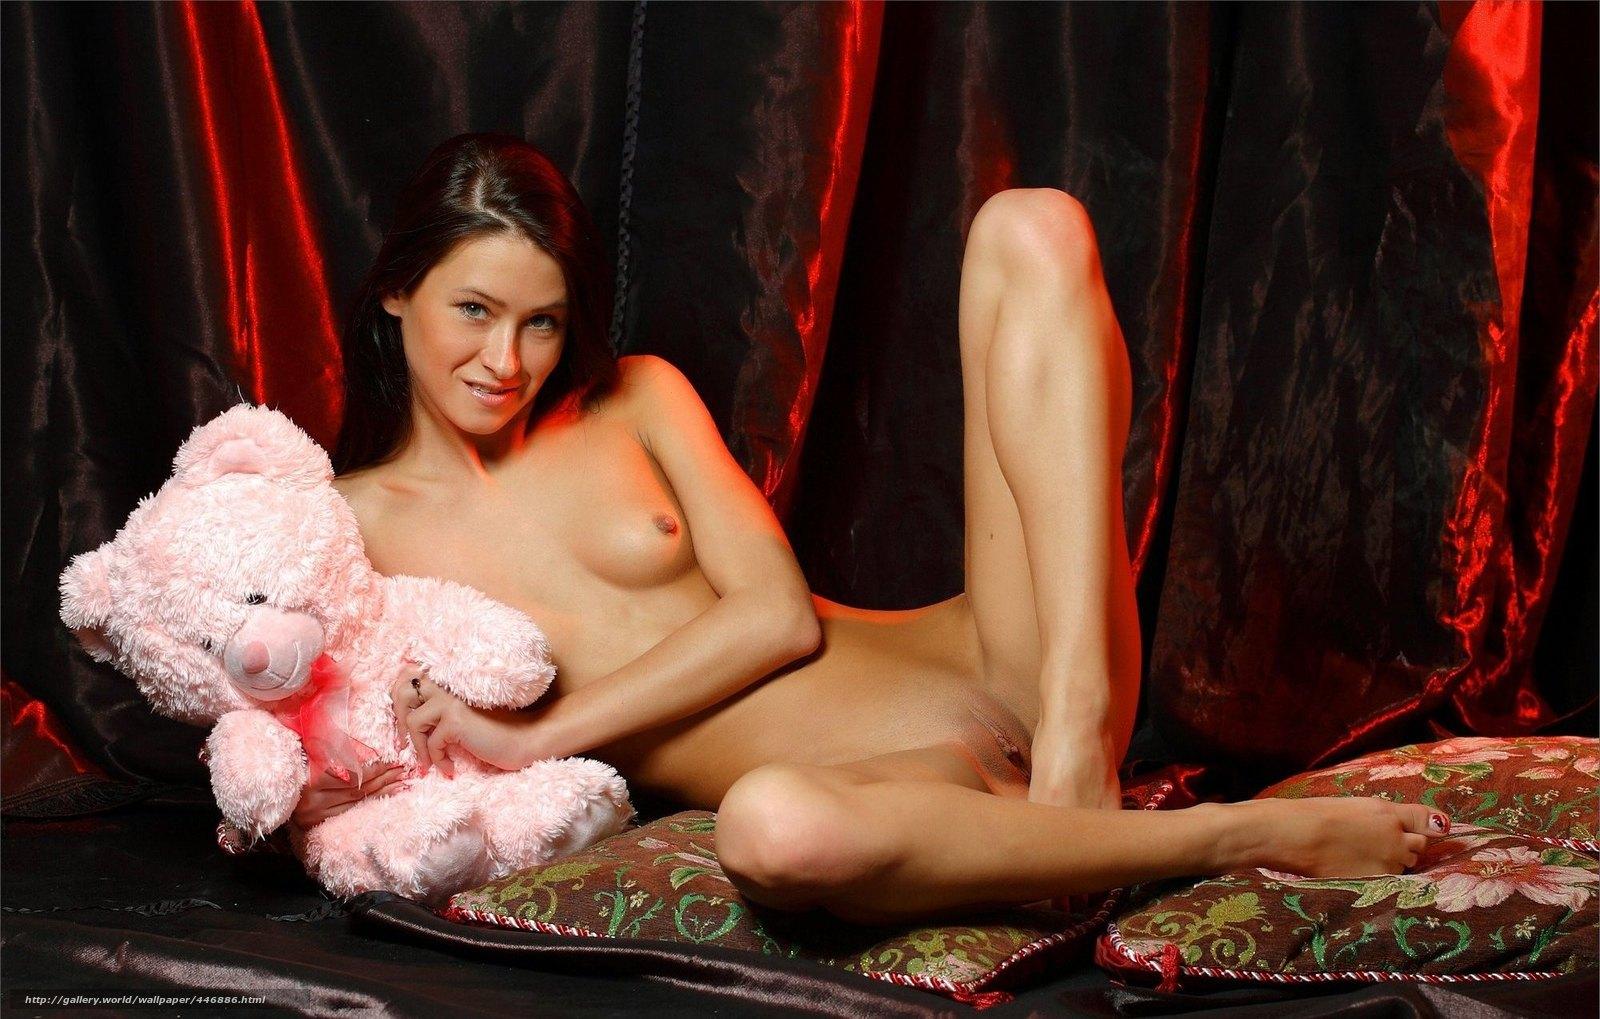 Эротические фото с плюшевым мишкой 25 фотография